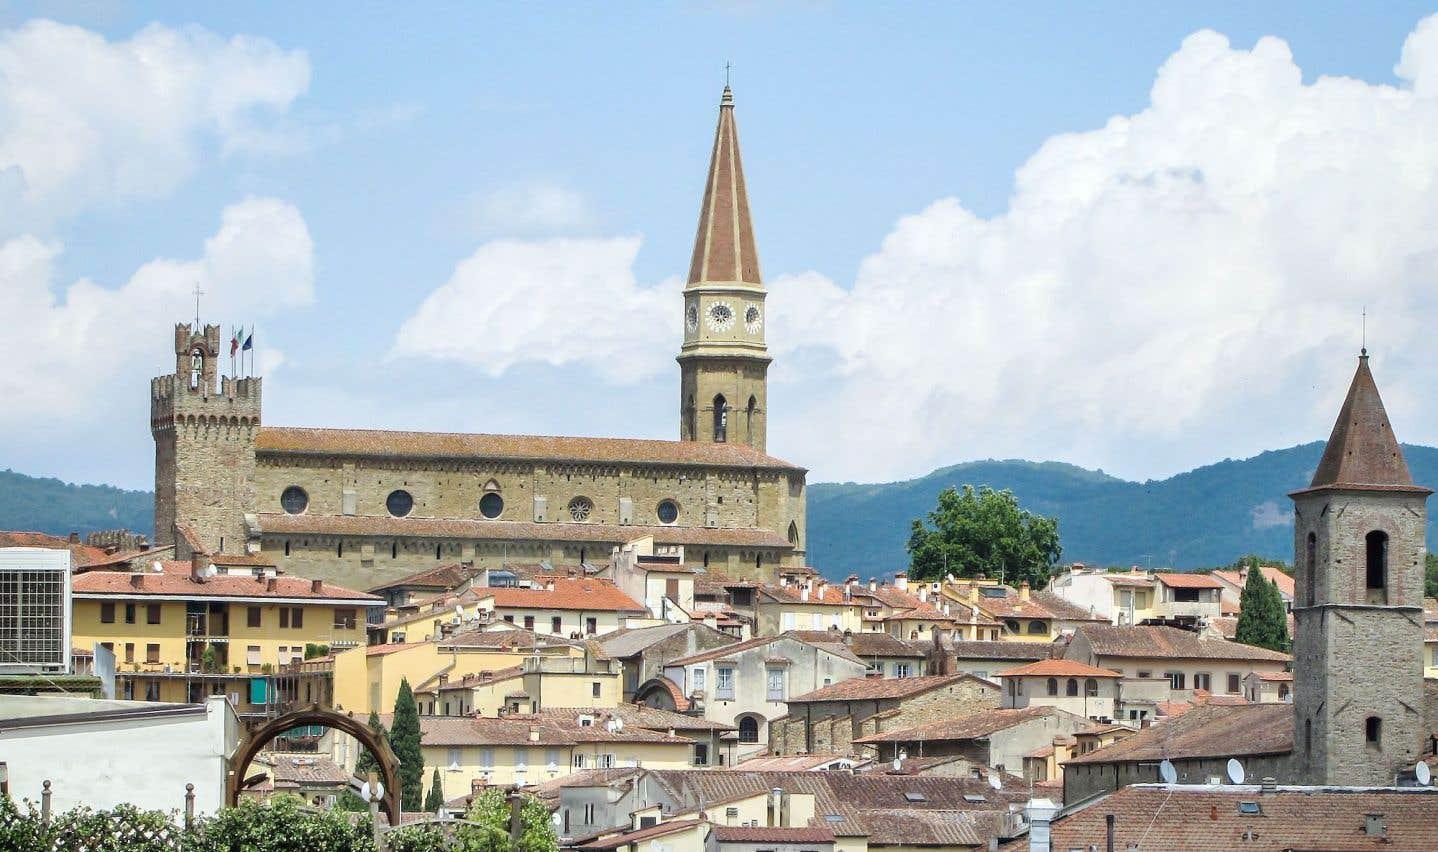 Nichée dans le Val di Chiana, formant le «Triangle d'or du Chianti» avec Florence et Sienne, entourée d'une nature sauvage où se dissimulent vieux châteaux et villages épargnés par le temps, Arezzo abrite des vestiges étrusques et romains.